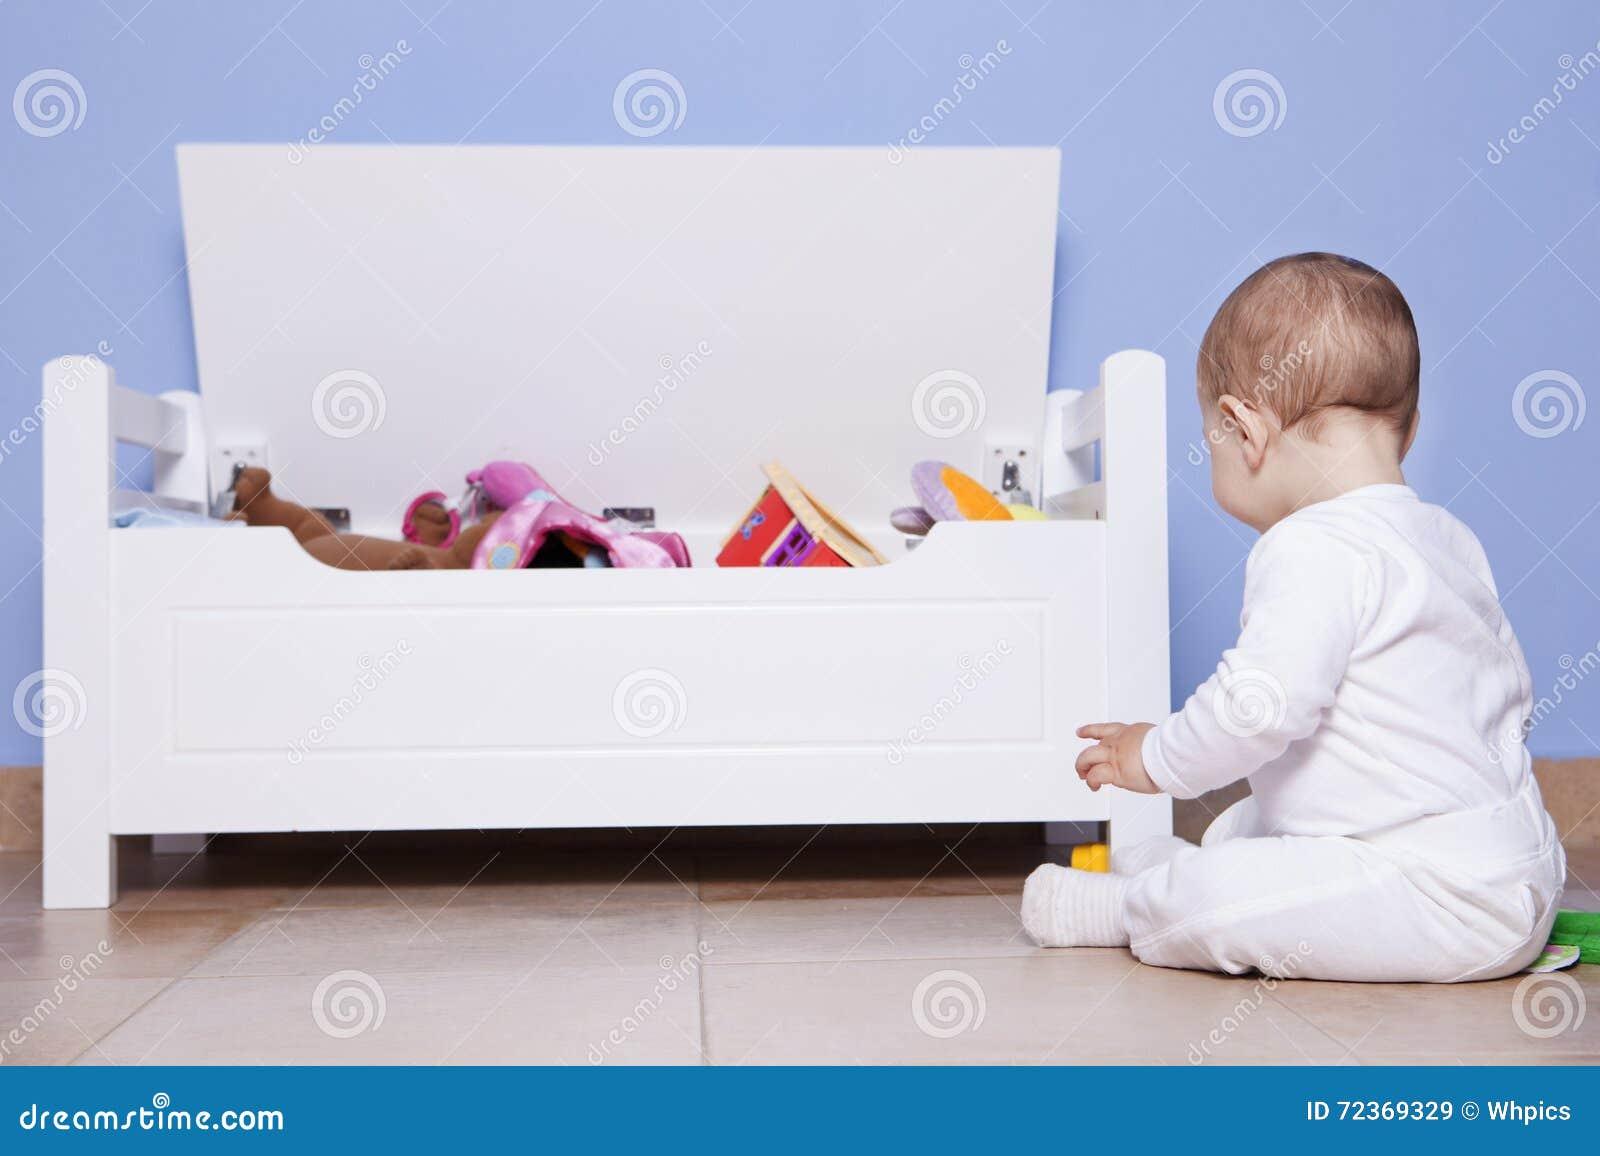 使用与他的玩具树干的男婴